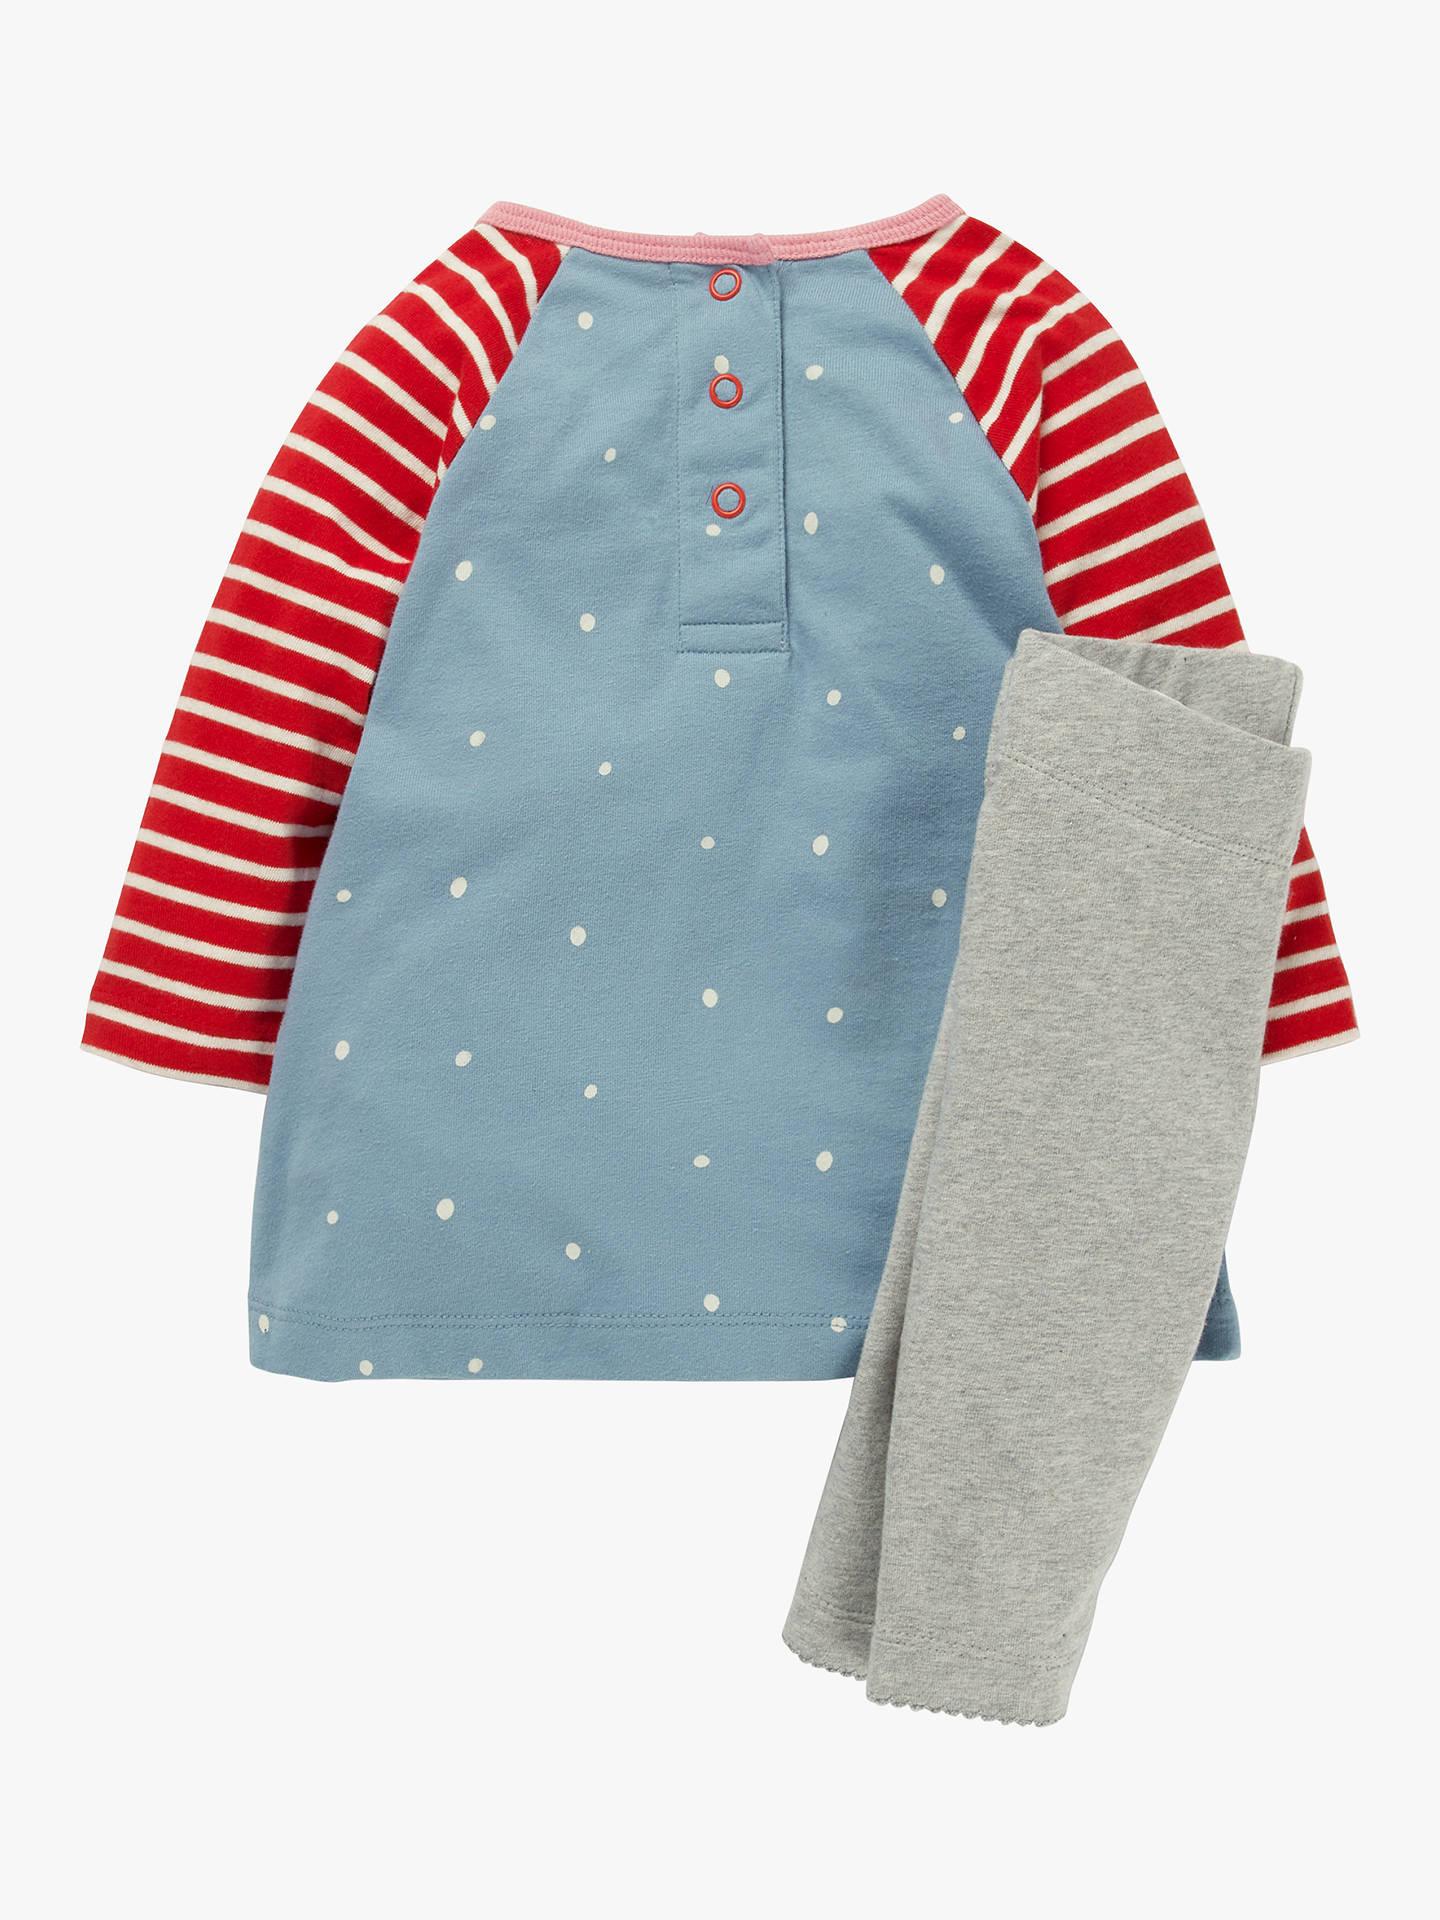 7900fc85d9de Mini Boden Baby Appliqué Friends Dress Set